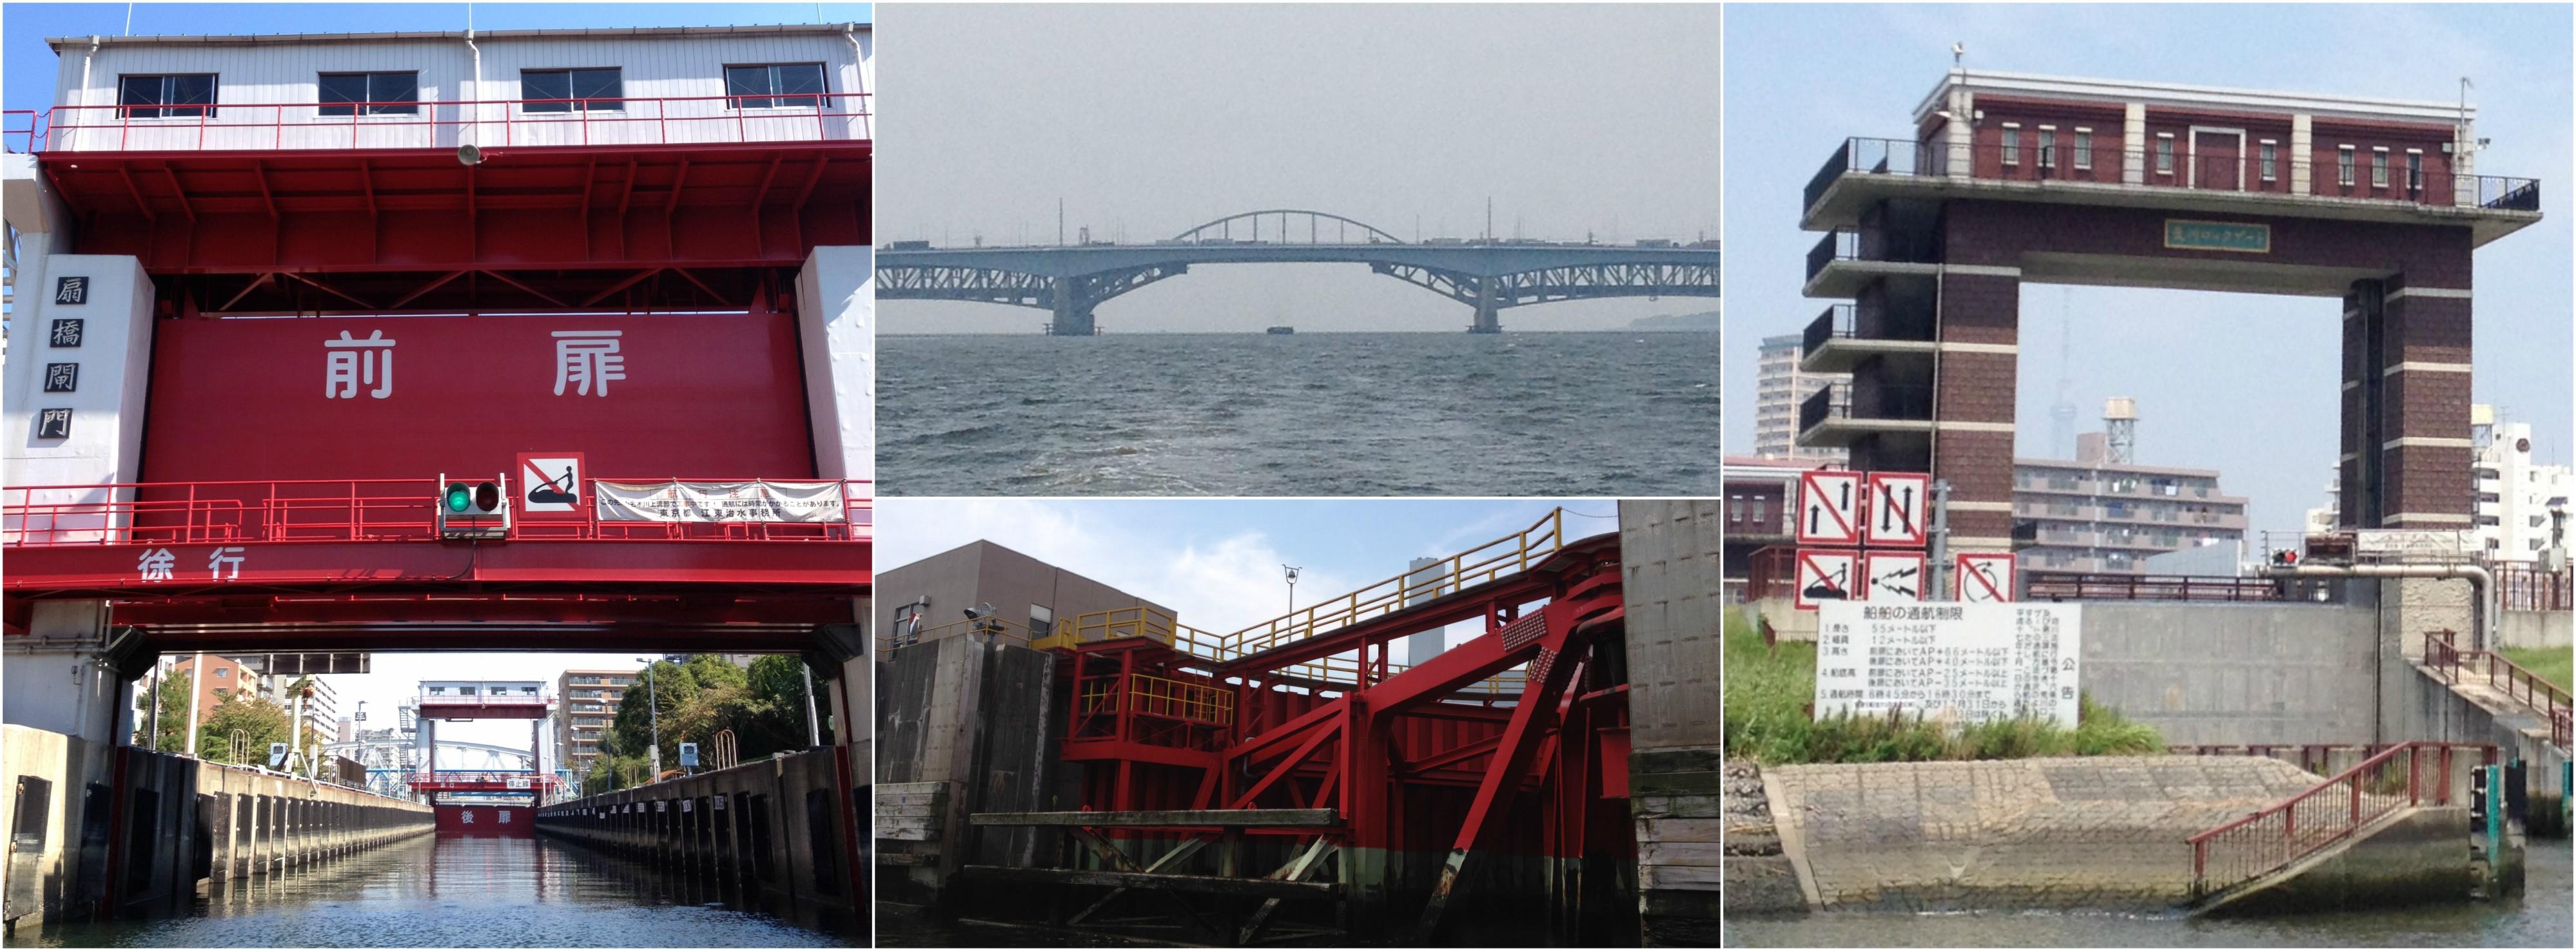 ダブルロックゲート=扇橋閘門と荒川ロックゲート